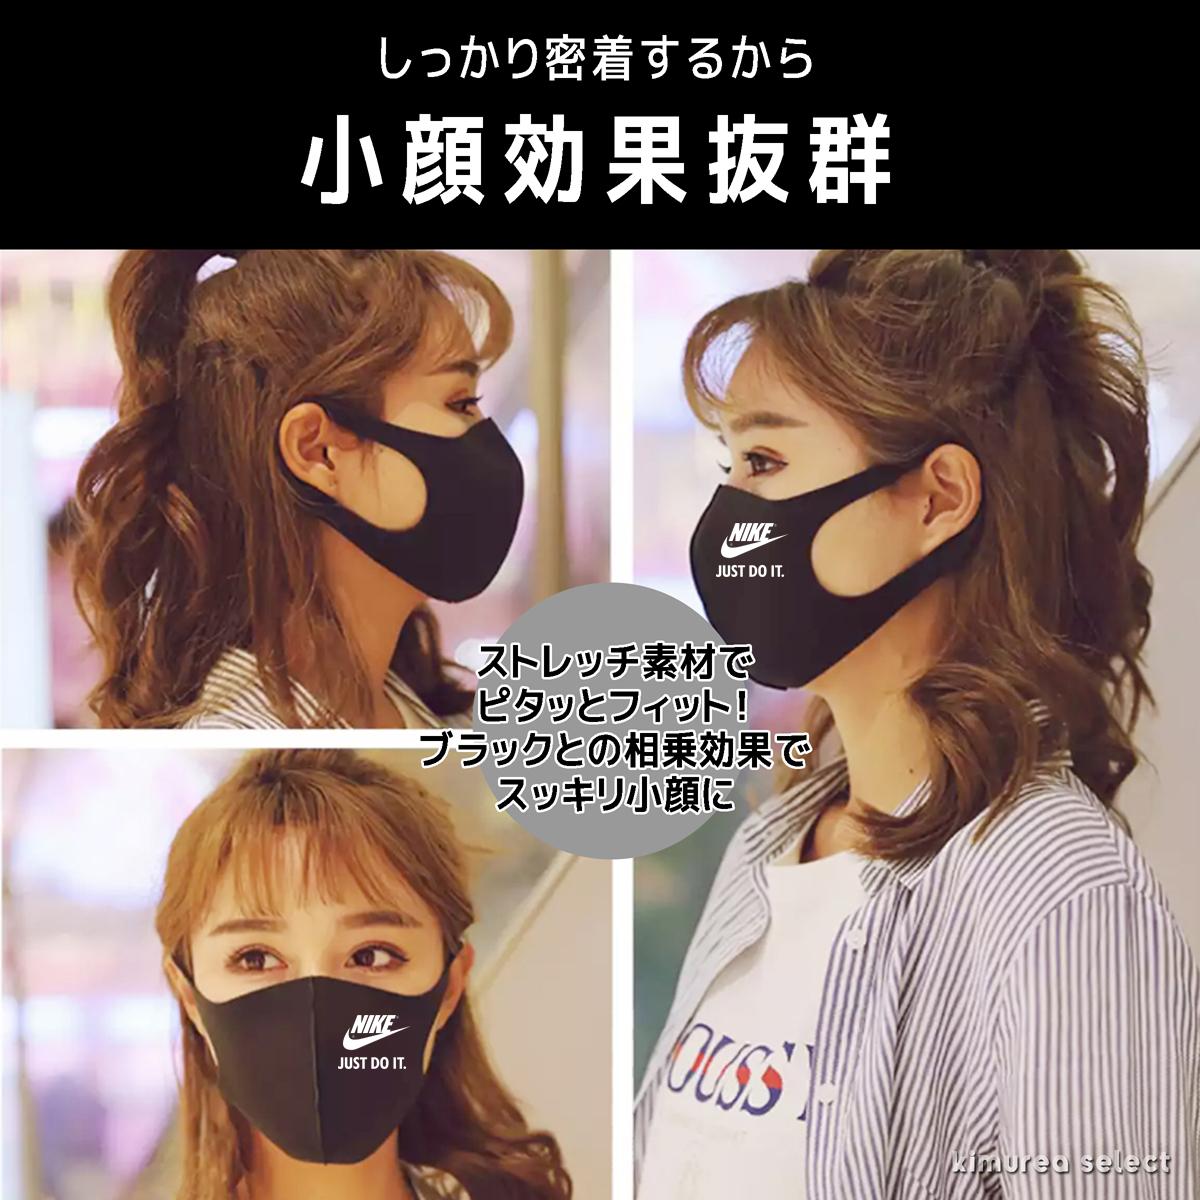 ブランドNIKEUVカット花粉症予防 風邪ウイルス対策マスク